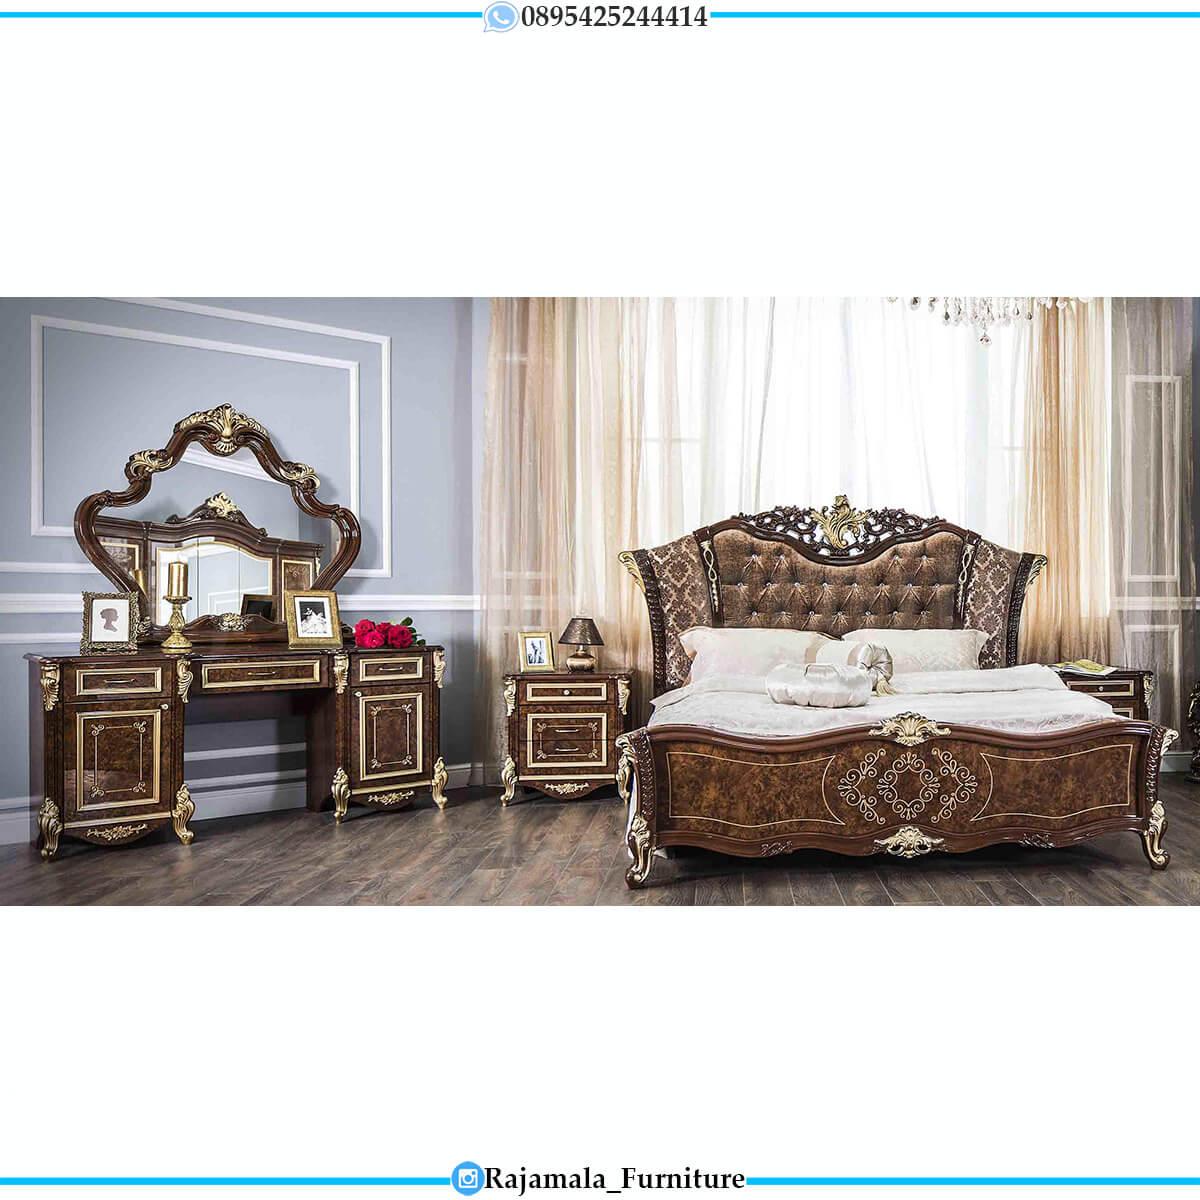 Desain Tempat Tidur Mewah Kayu Jati Luxury Carving Jepara RM-0700